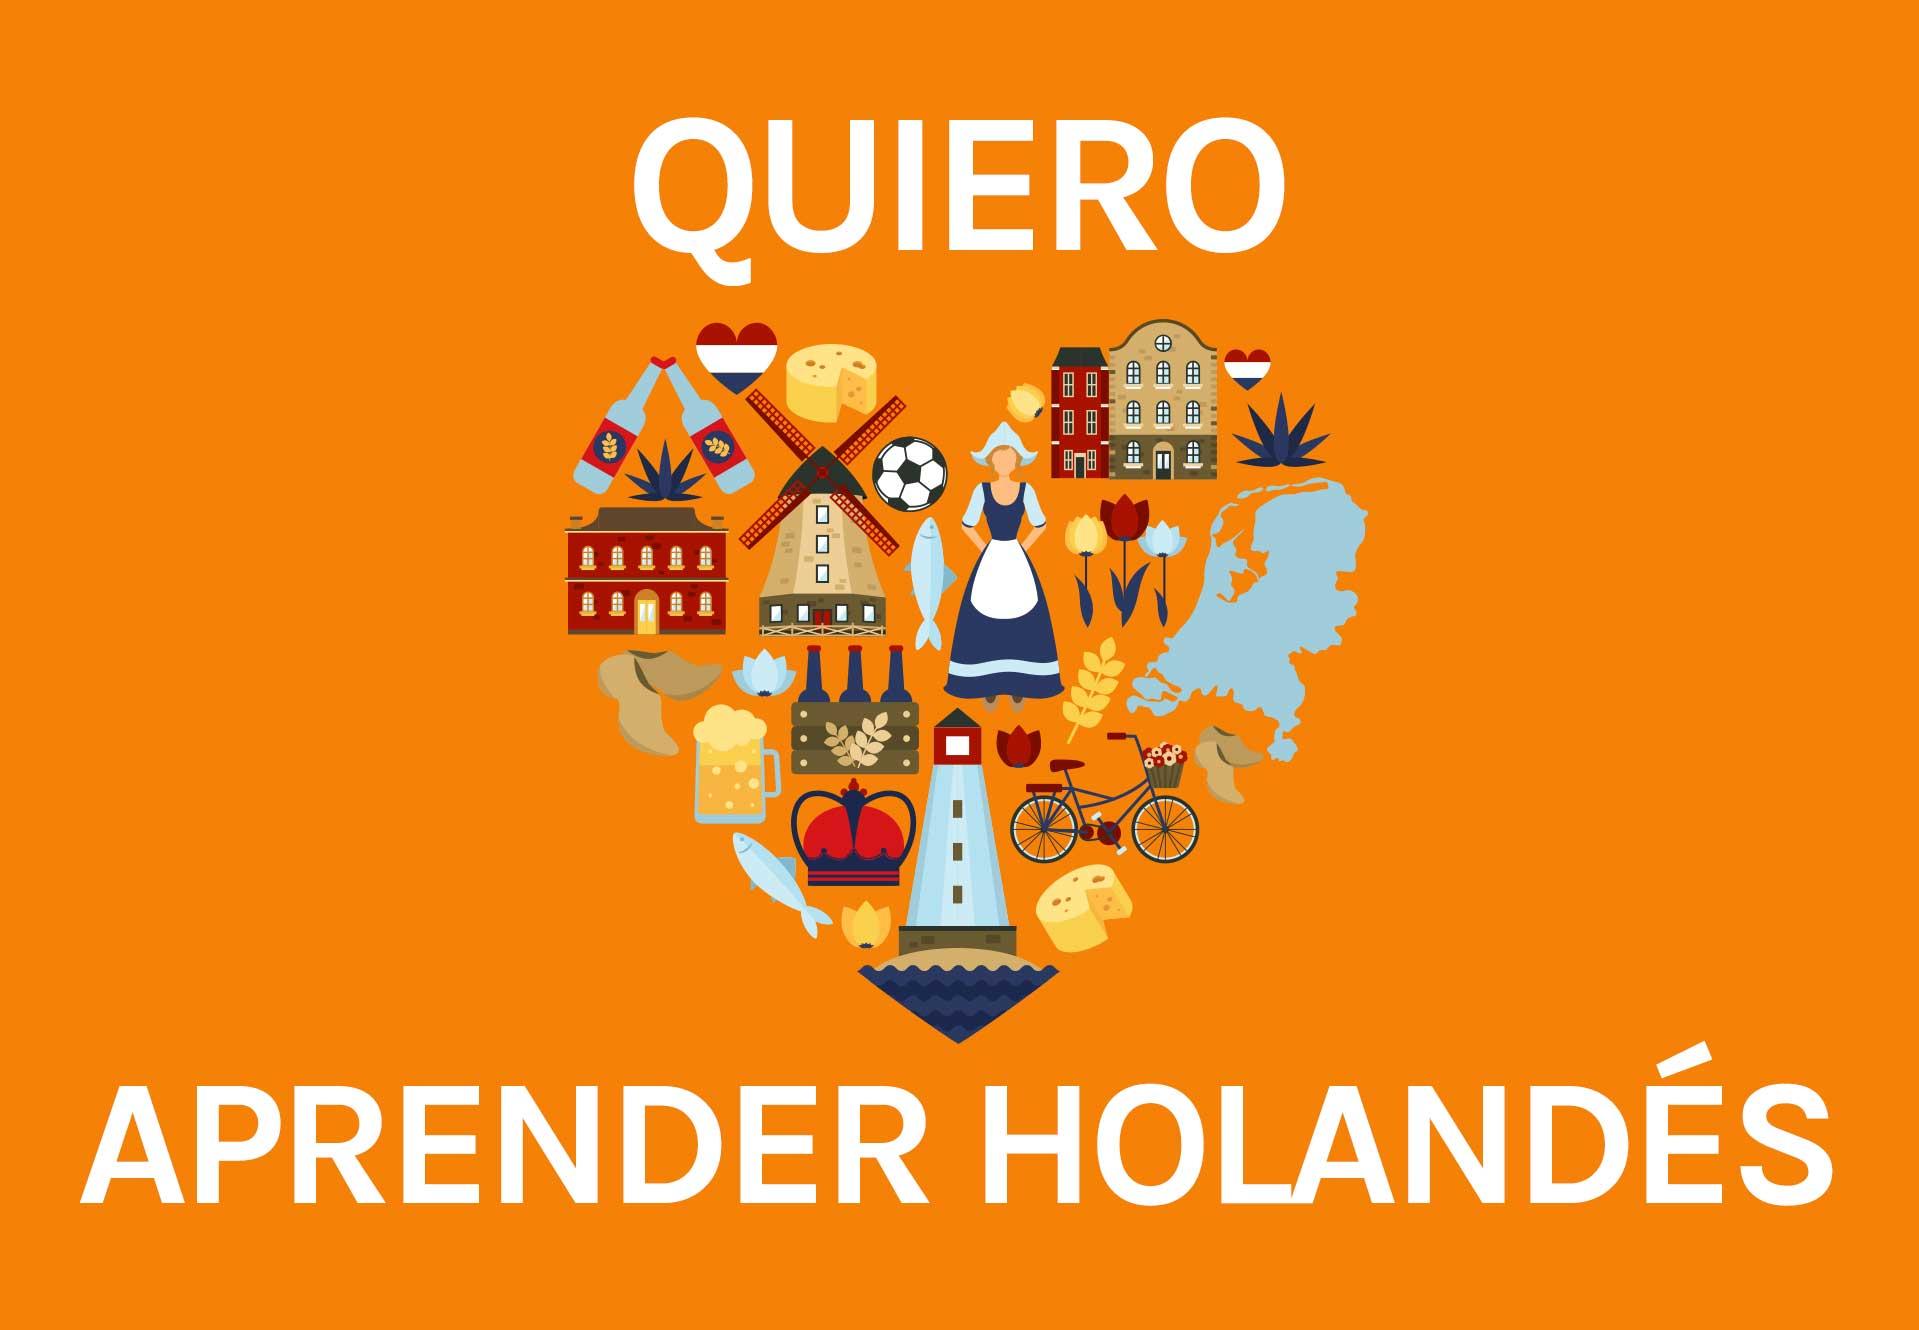 Aprender-Holandes-Estudiar-en-Buenos-Aires